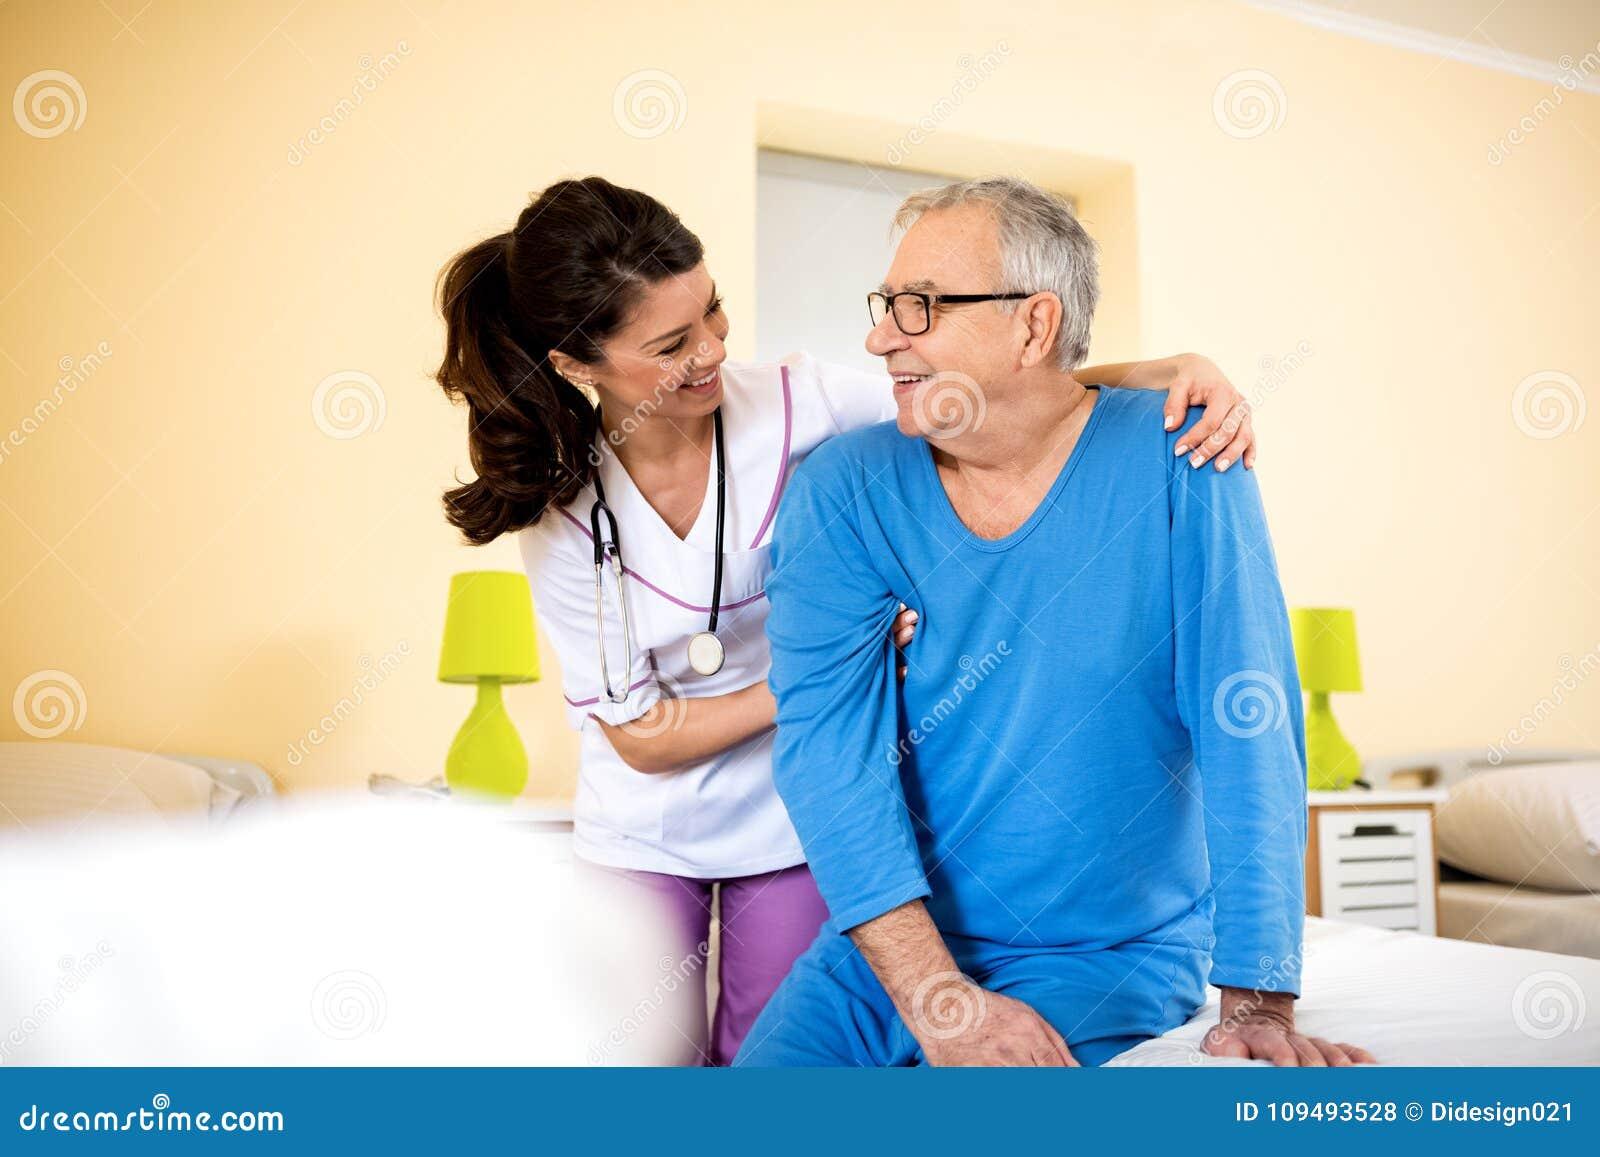 Smiling happy senior man at nursing home